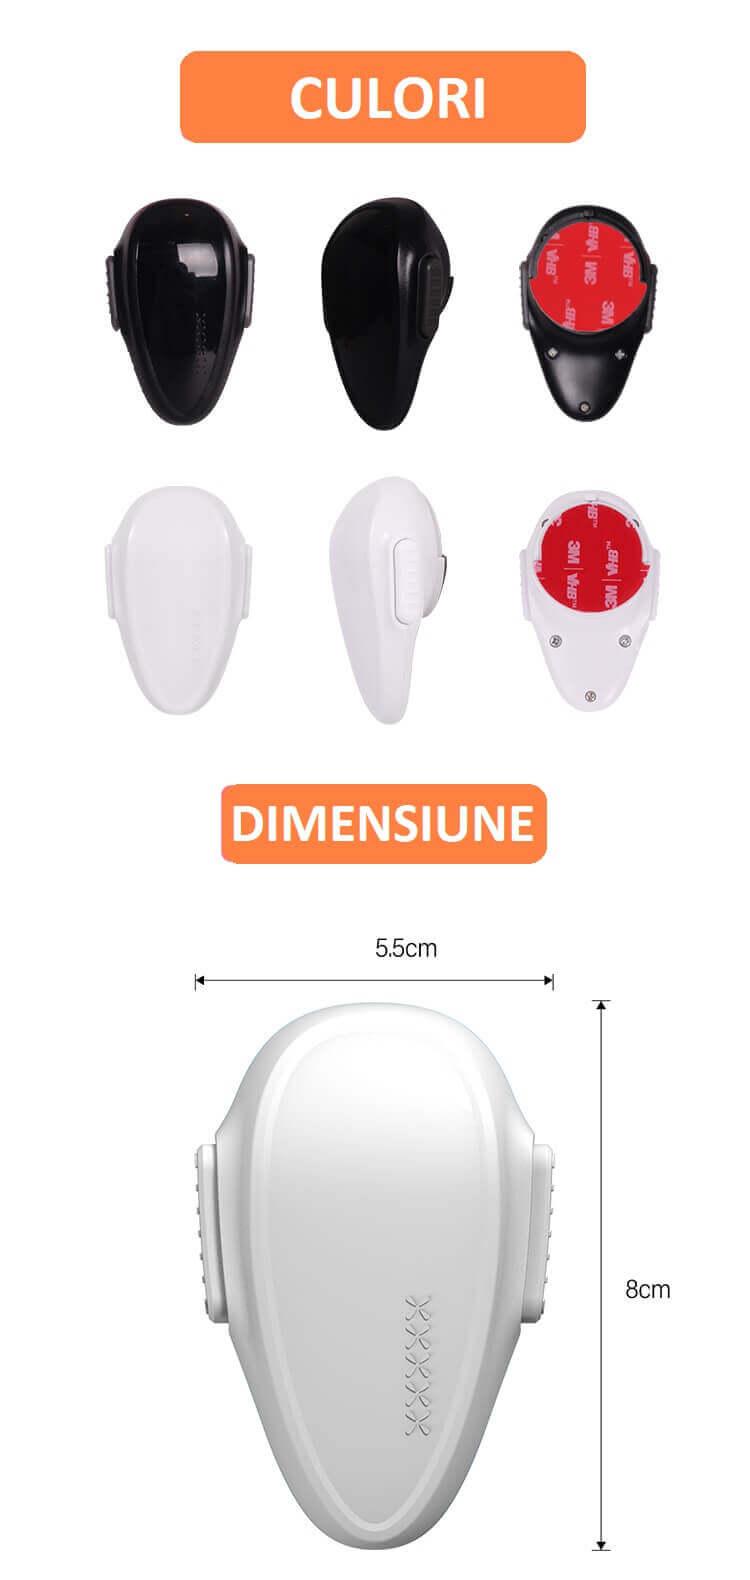 dimensiuni si culori blocatoare usi cuptor